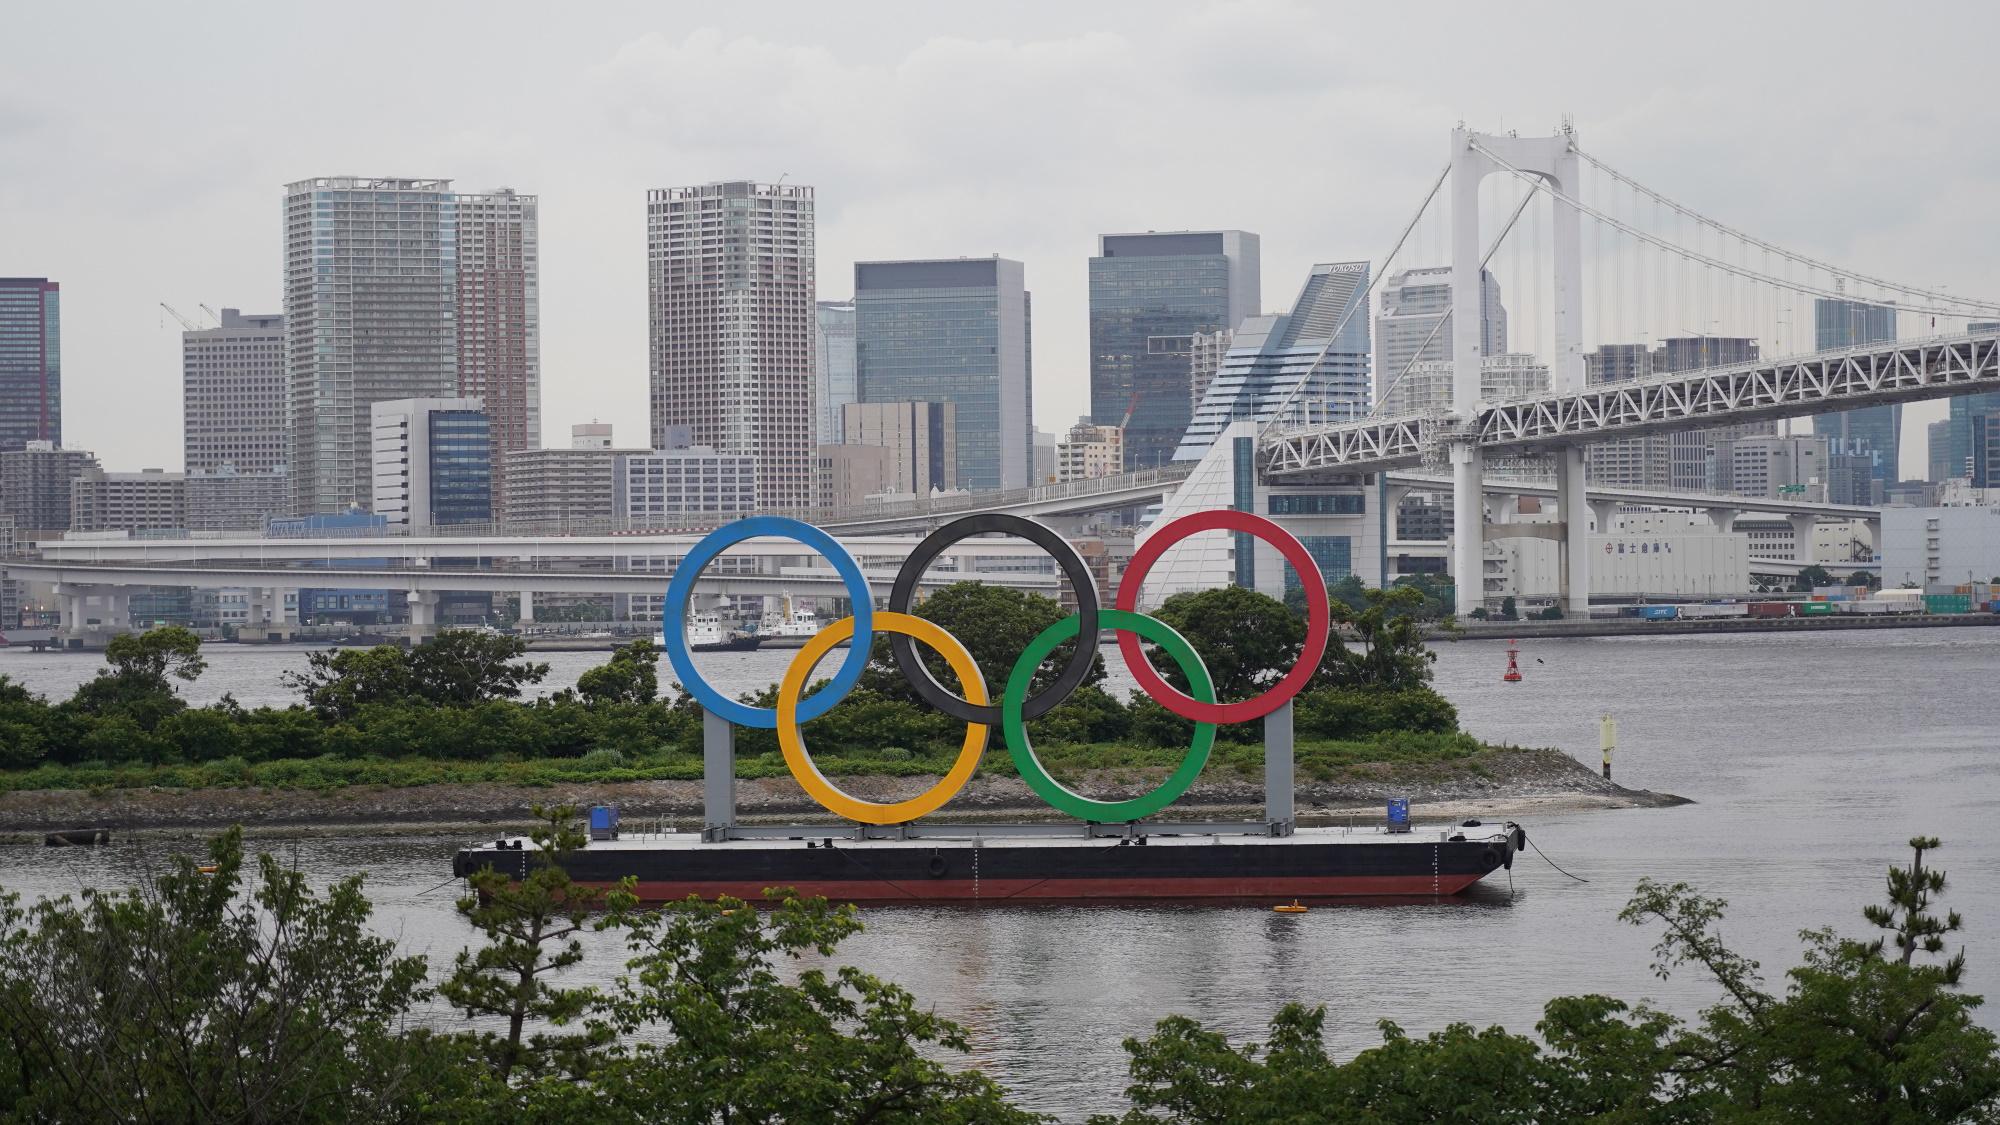 Los anillos olímpicos son exhibidos por el Parque Marino de Odaiba